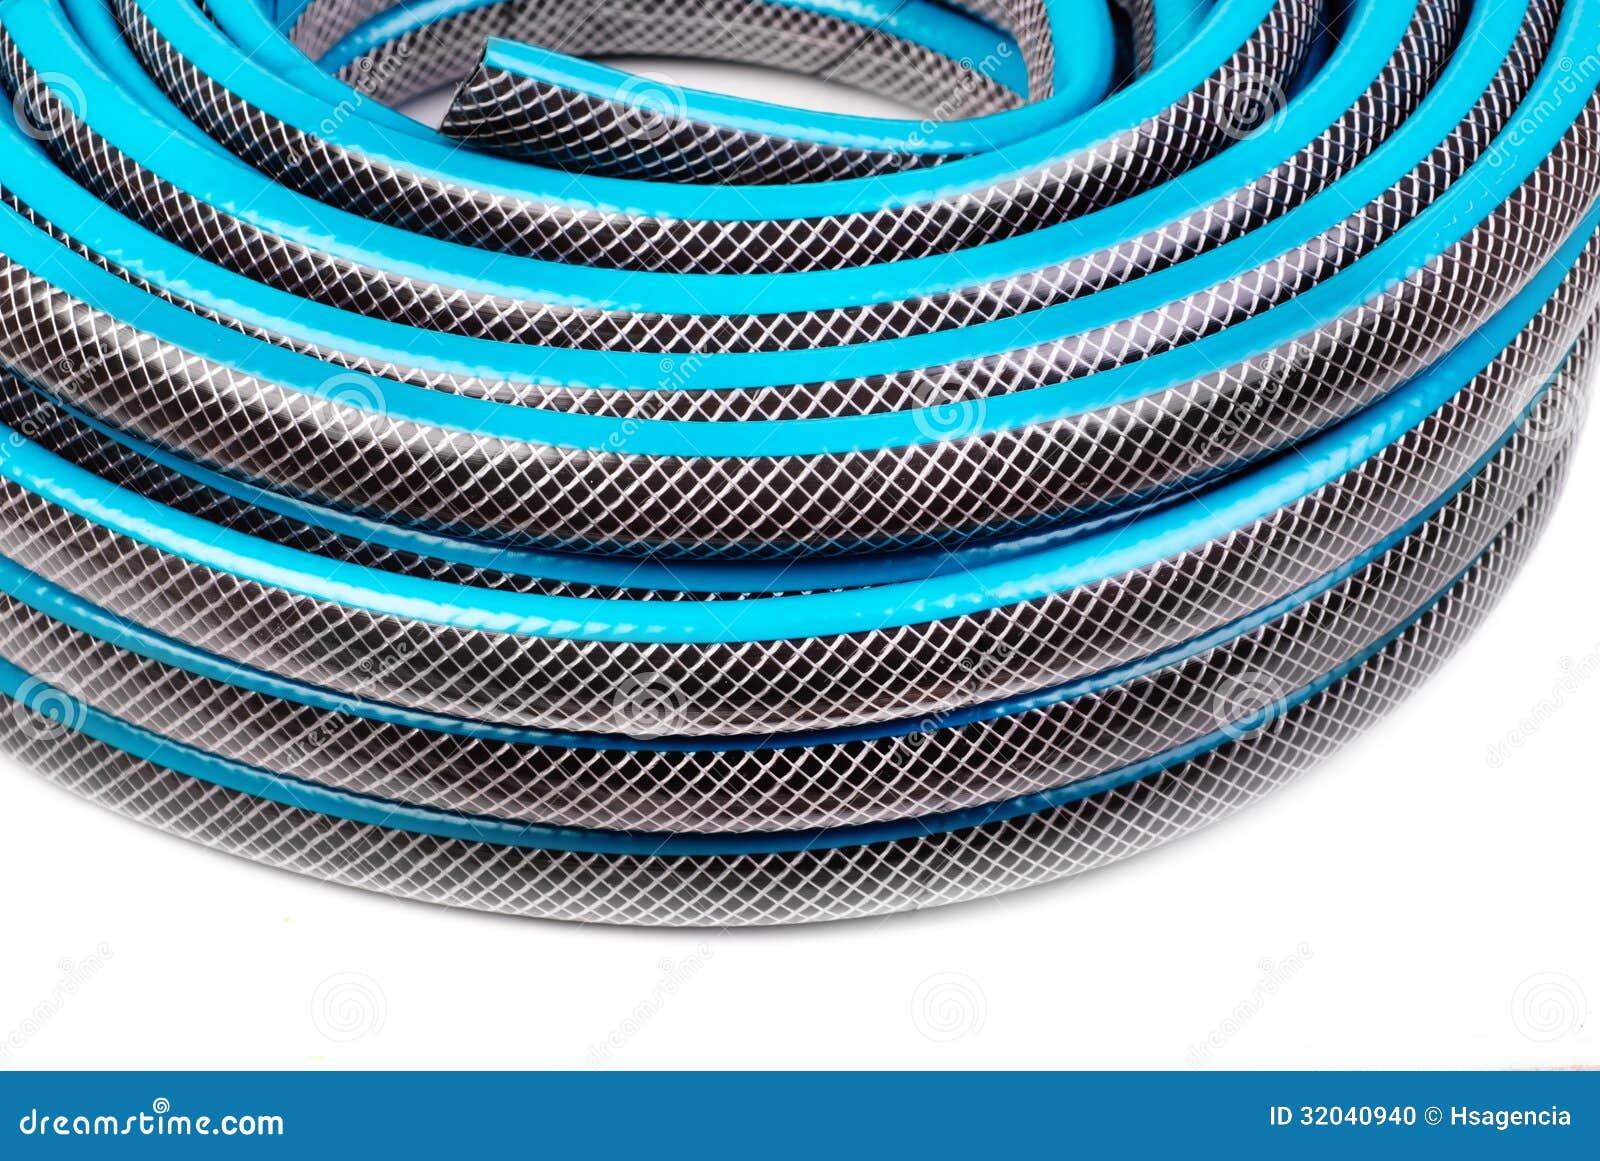 Tubo flessibile per innaffiare fotografia stock immagine for Timer per innaffiare